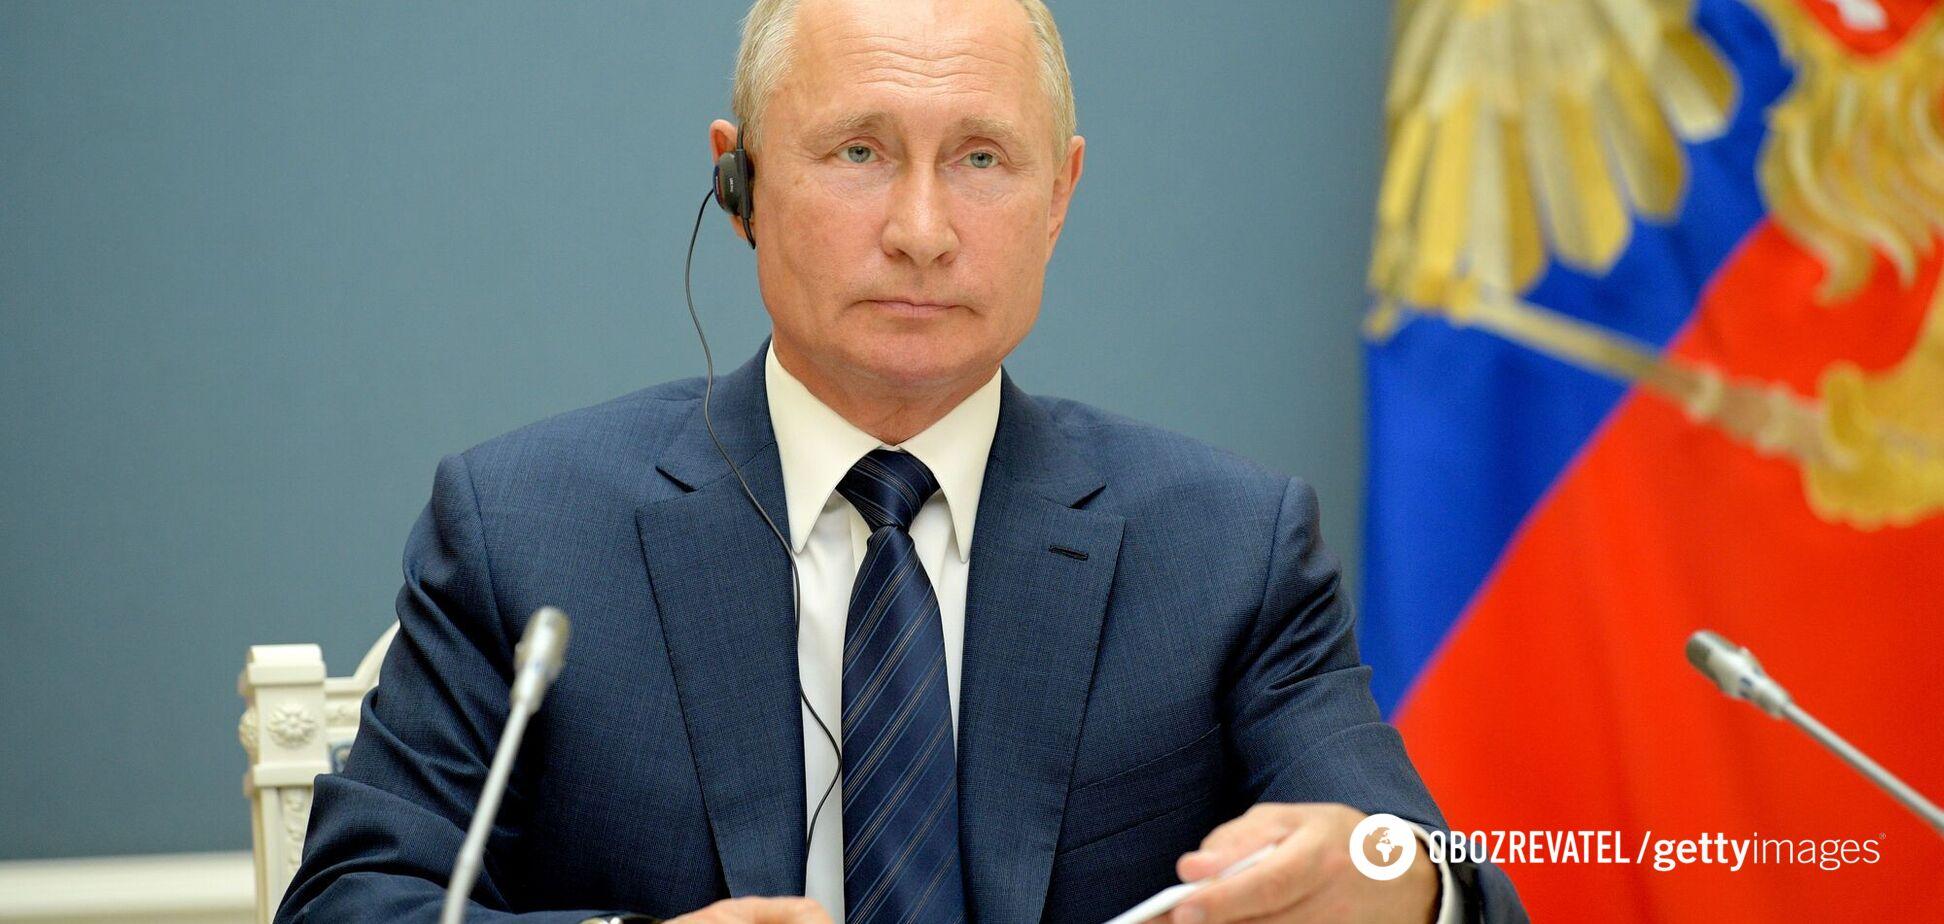 Кто устроил Путину гульфикгейт. Спойлер: российские спецслужбы